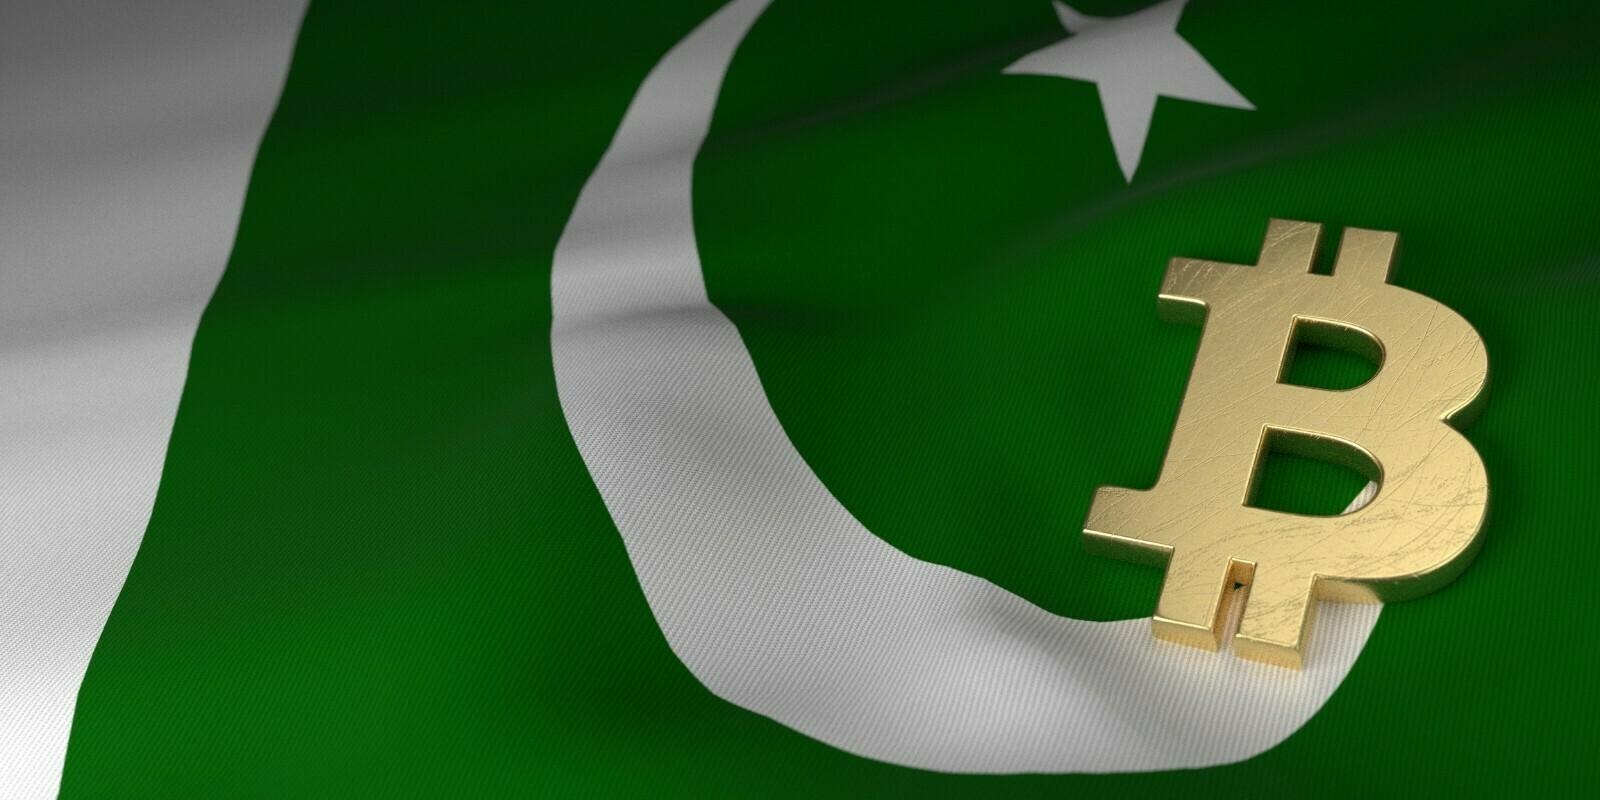 Le Pakistan va construire deux fermes de mining de cryptomonnaies